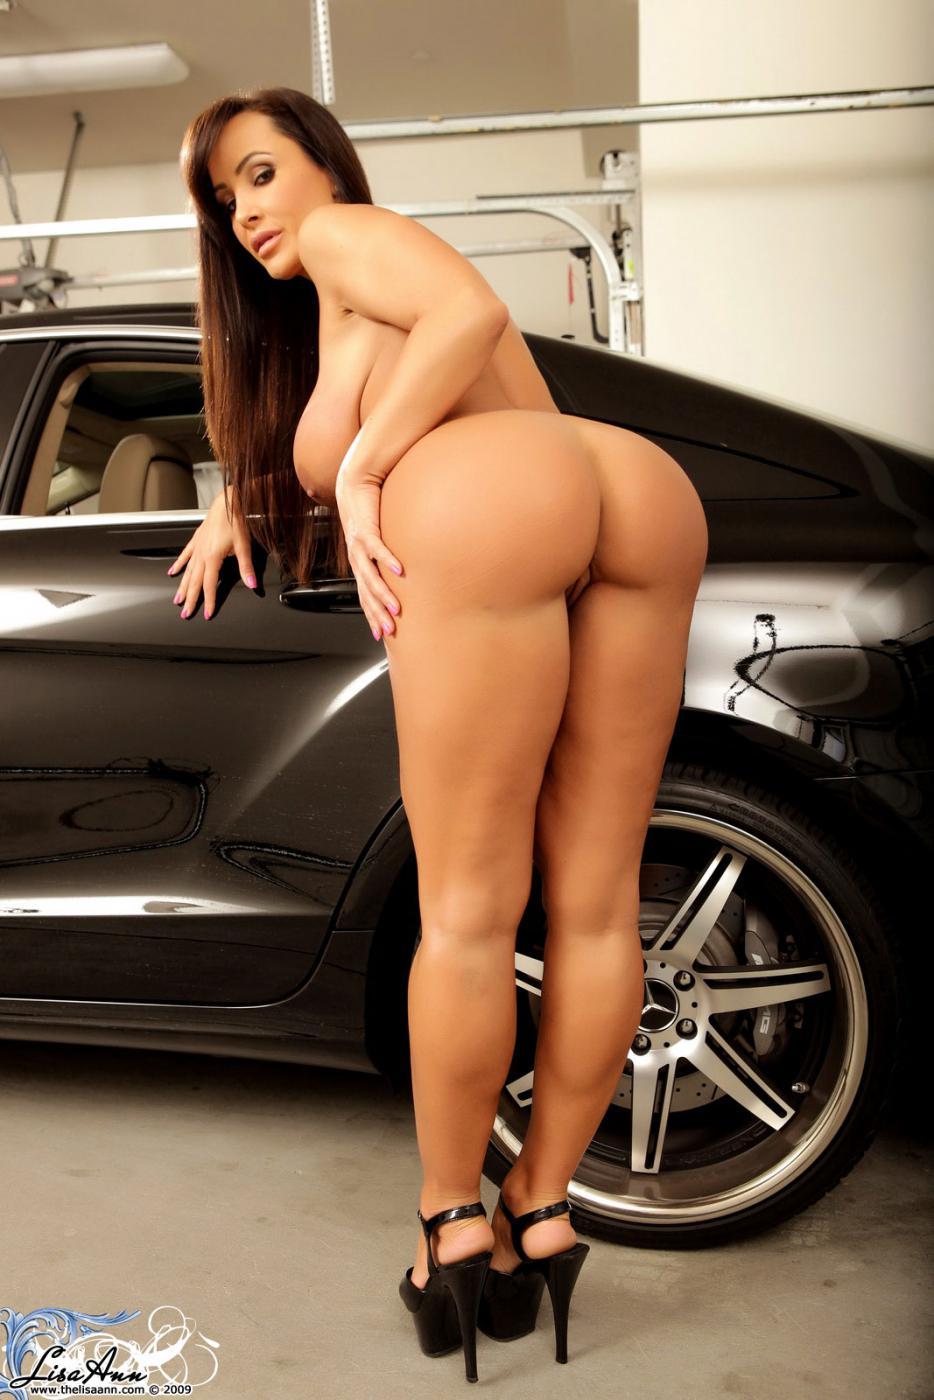 Мамочка-брюнетка Lisa Ann показывает нагое грудастое туловище в хорошенькой автомобиле